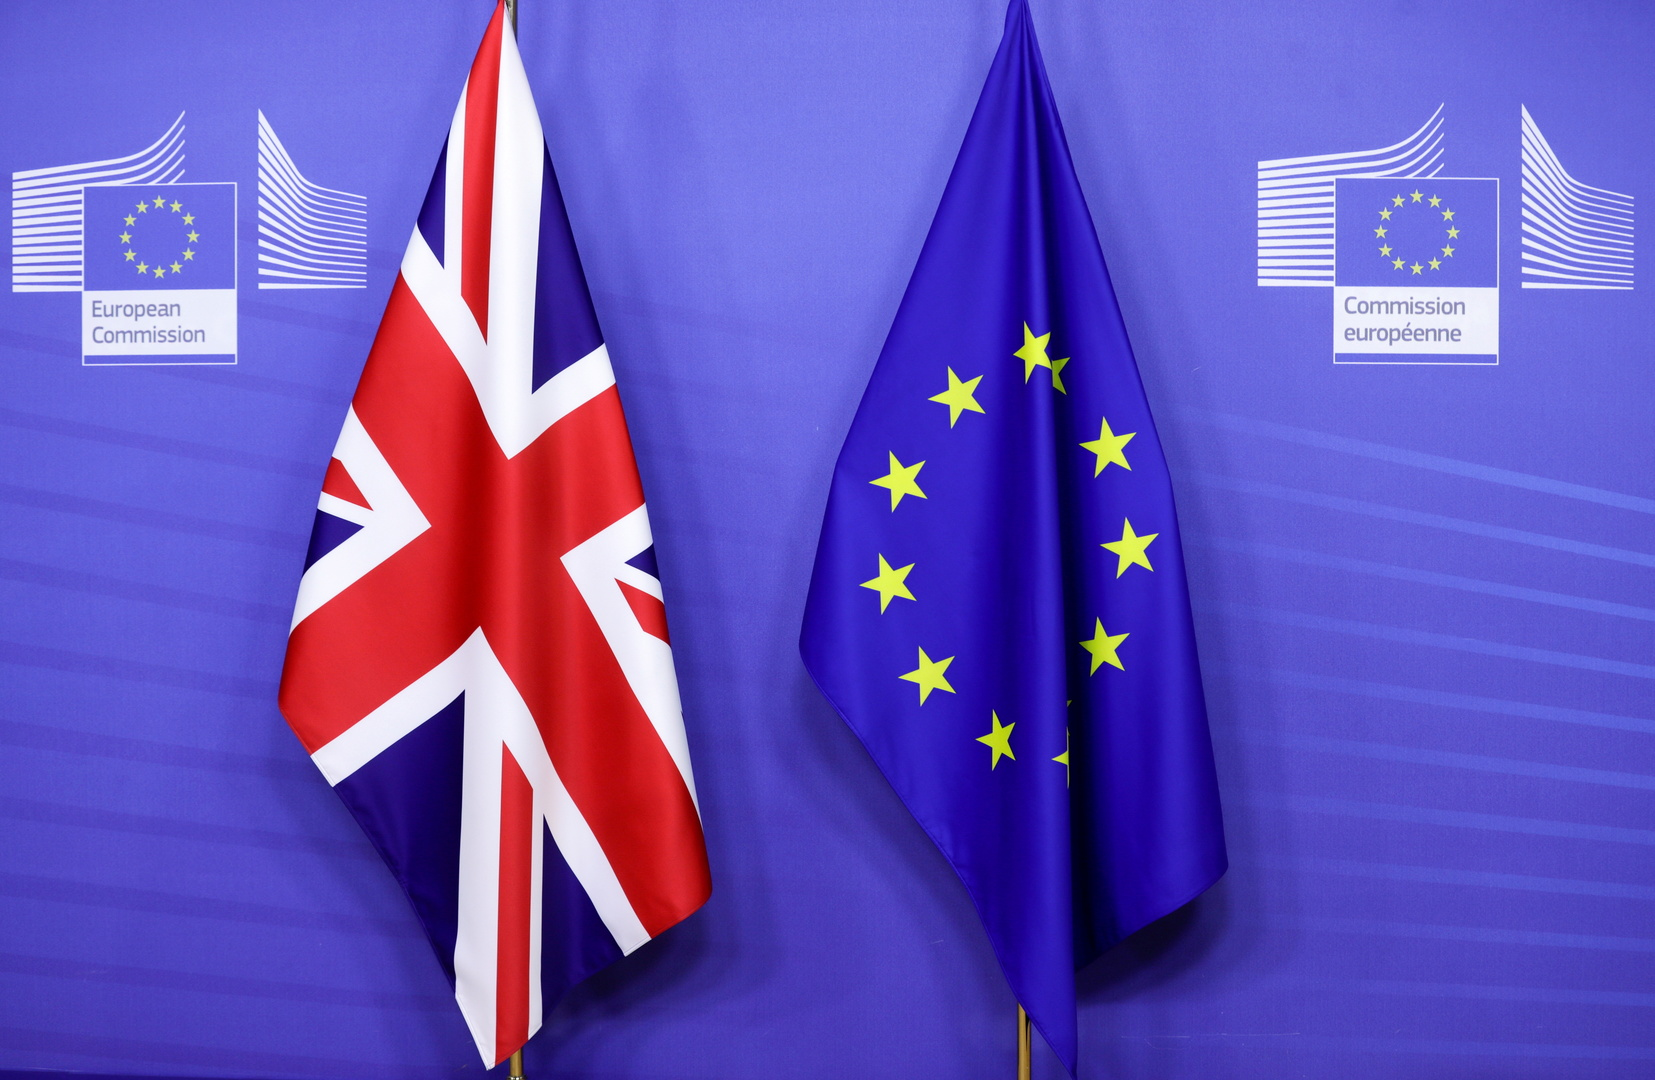 علم الاتحاد الأوروبي وعلم بريطانيا